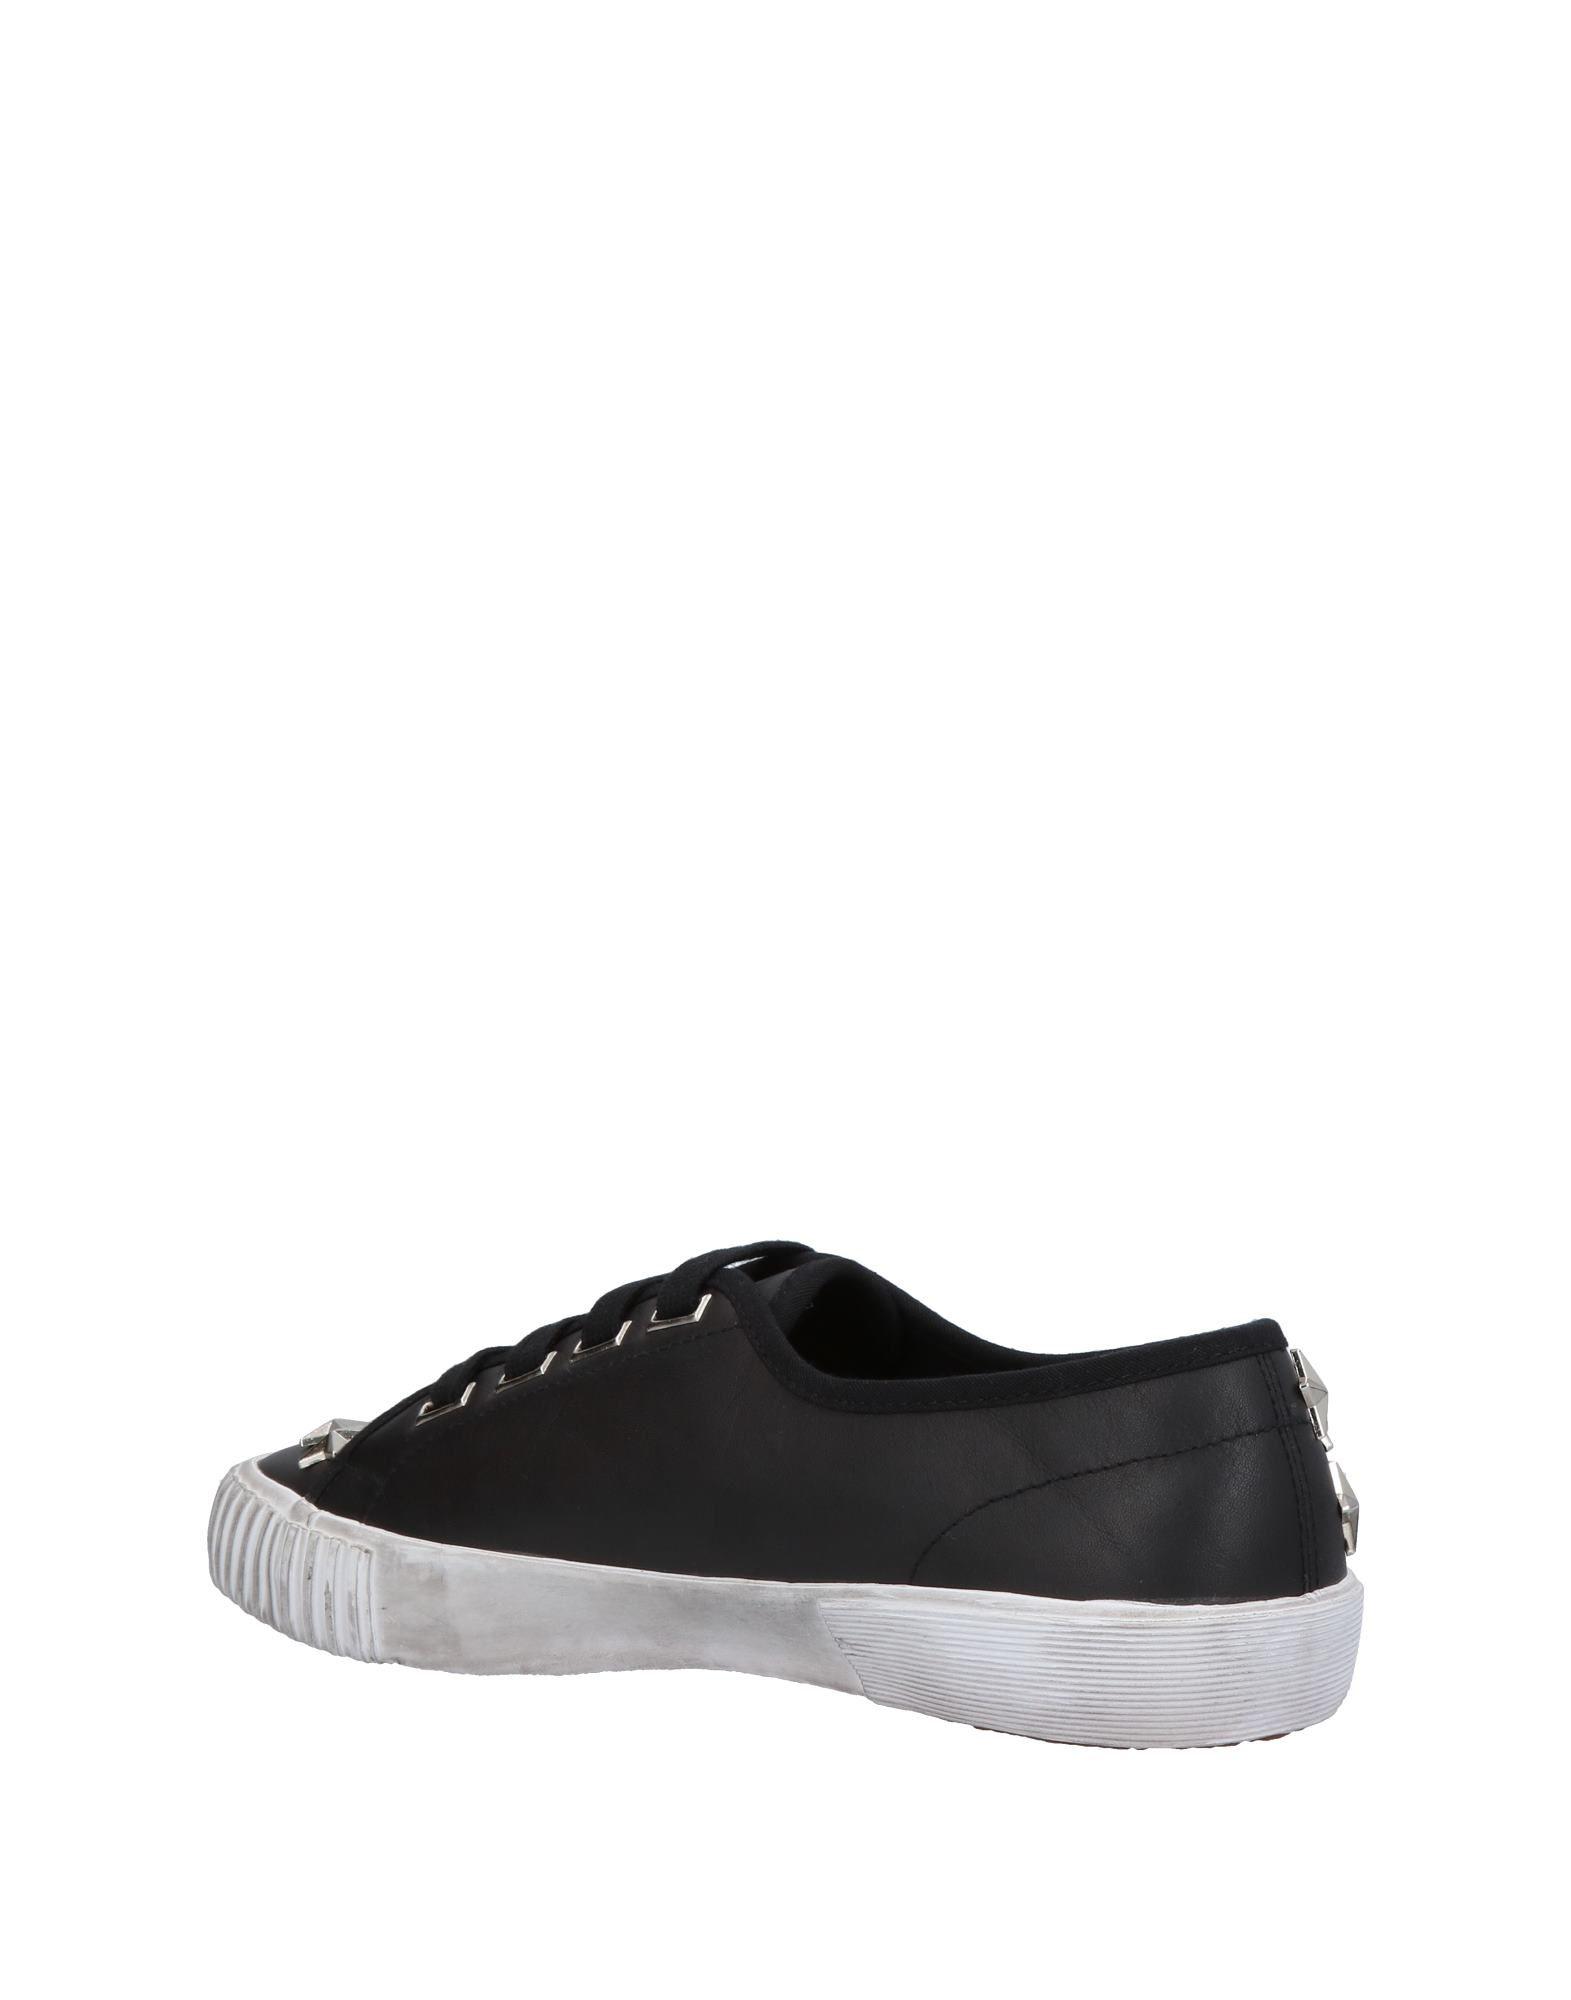 Jc Play By Jeffrey Campbell Sneakers Damen  11382807EO Gute Qualität beliebte Schuhe